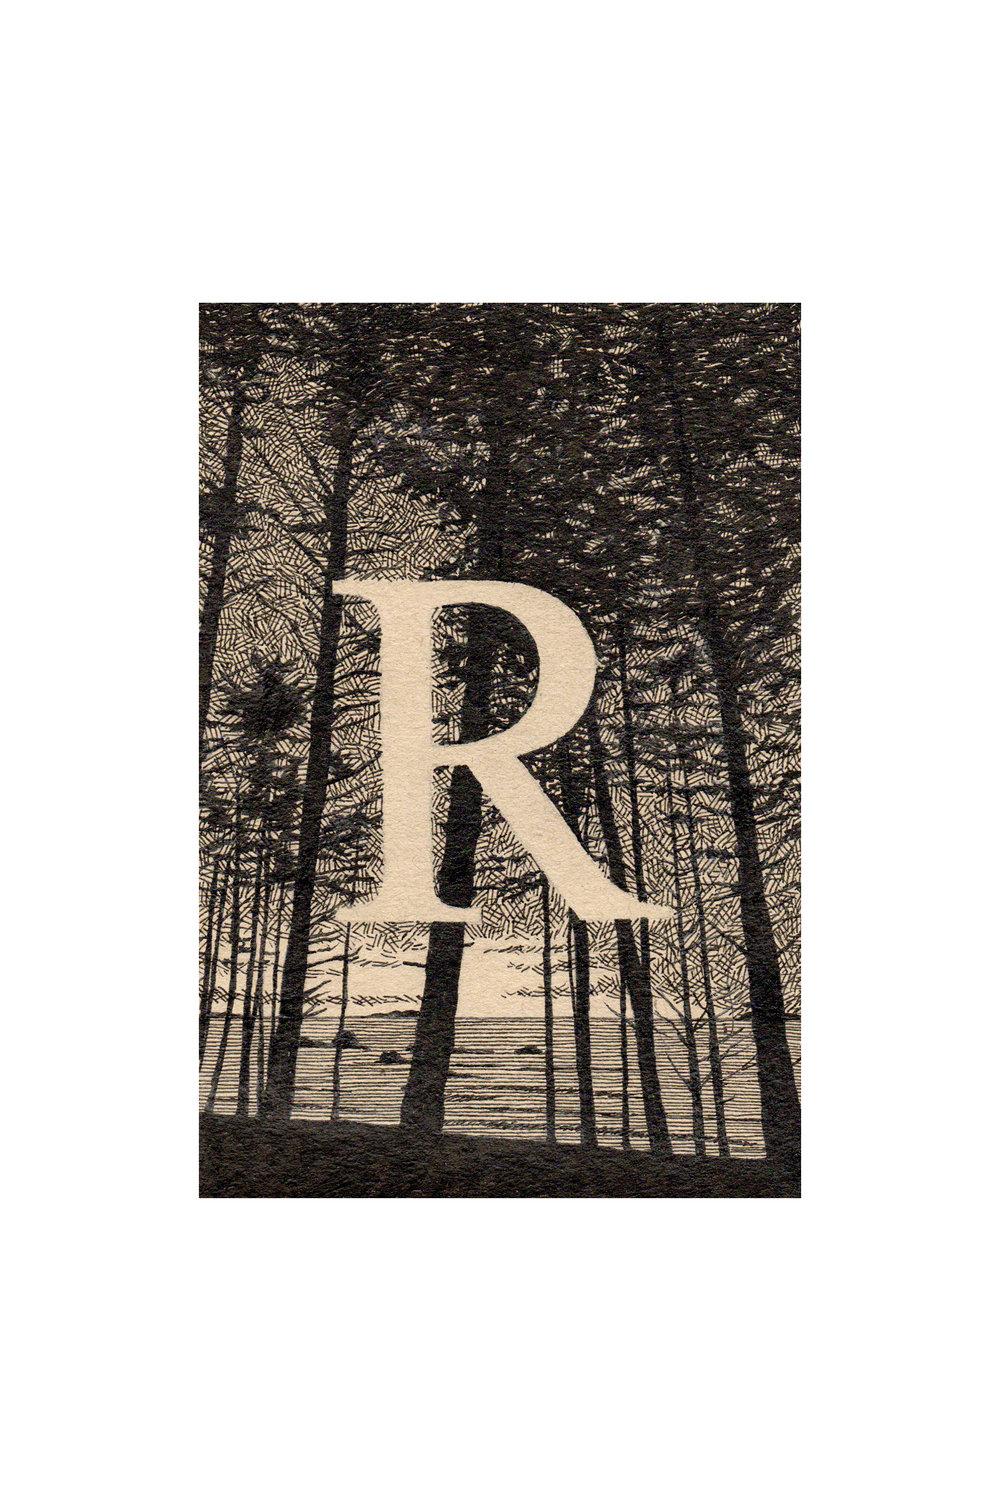 PrintR.jpg